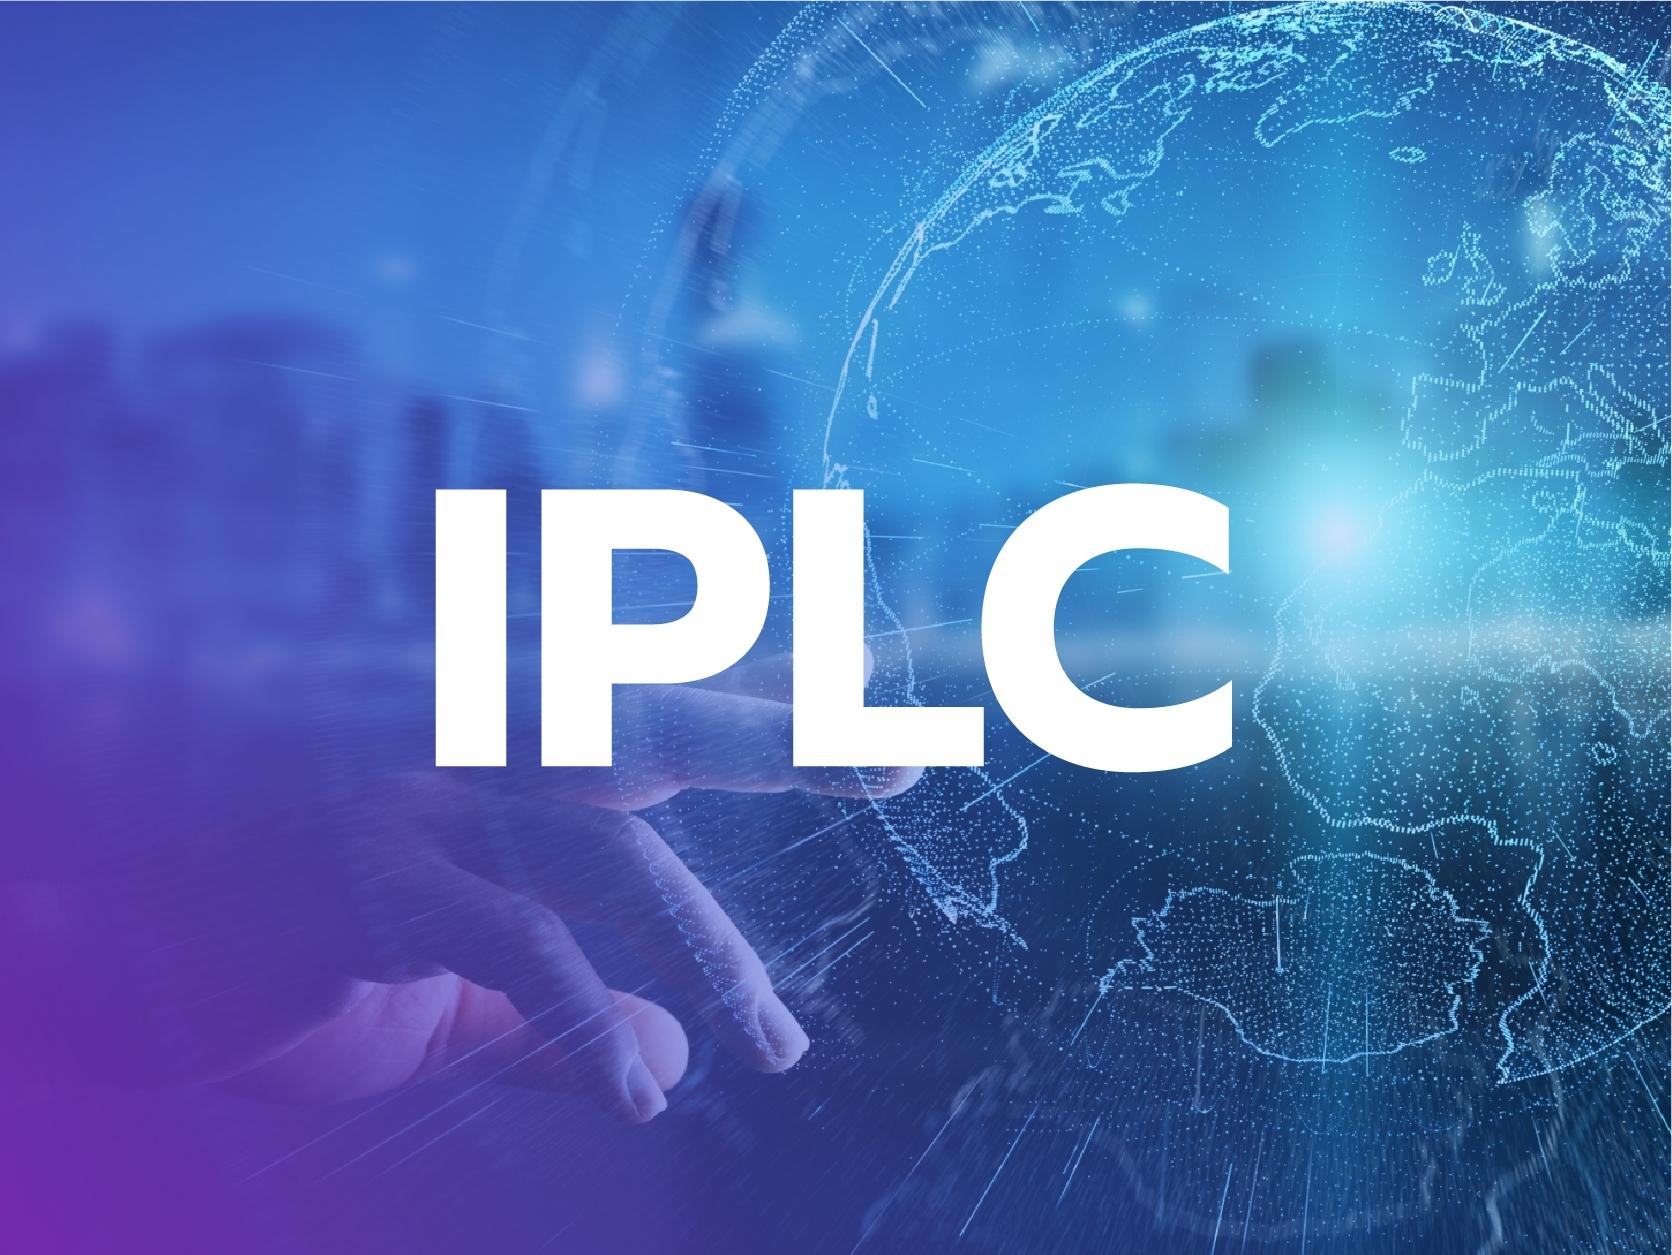 IPLC_180810_0001